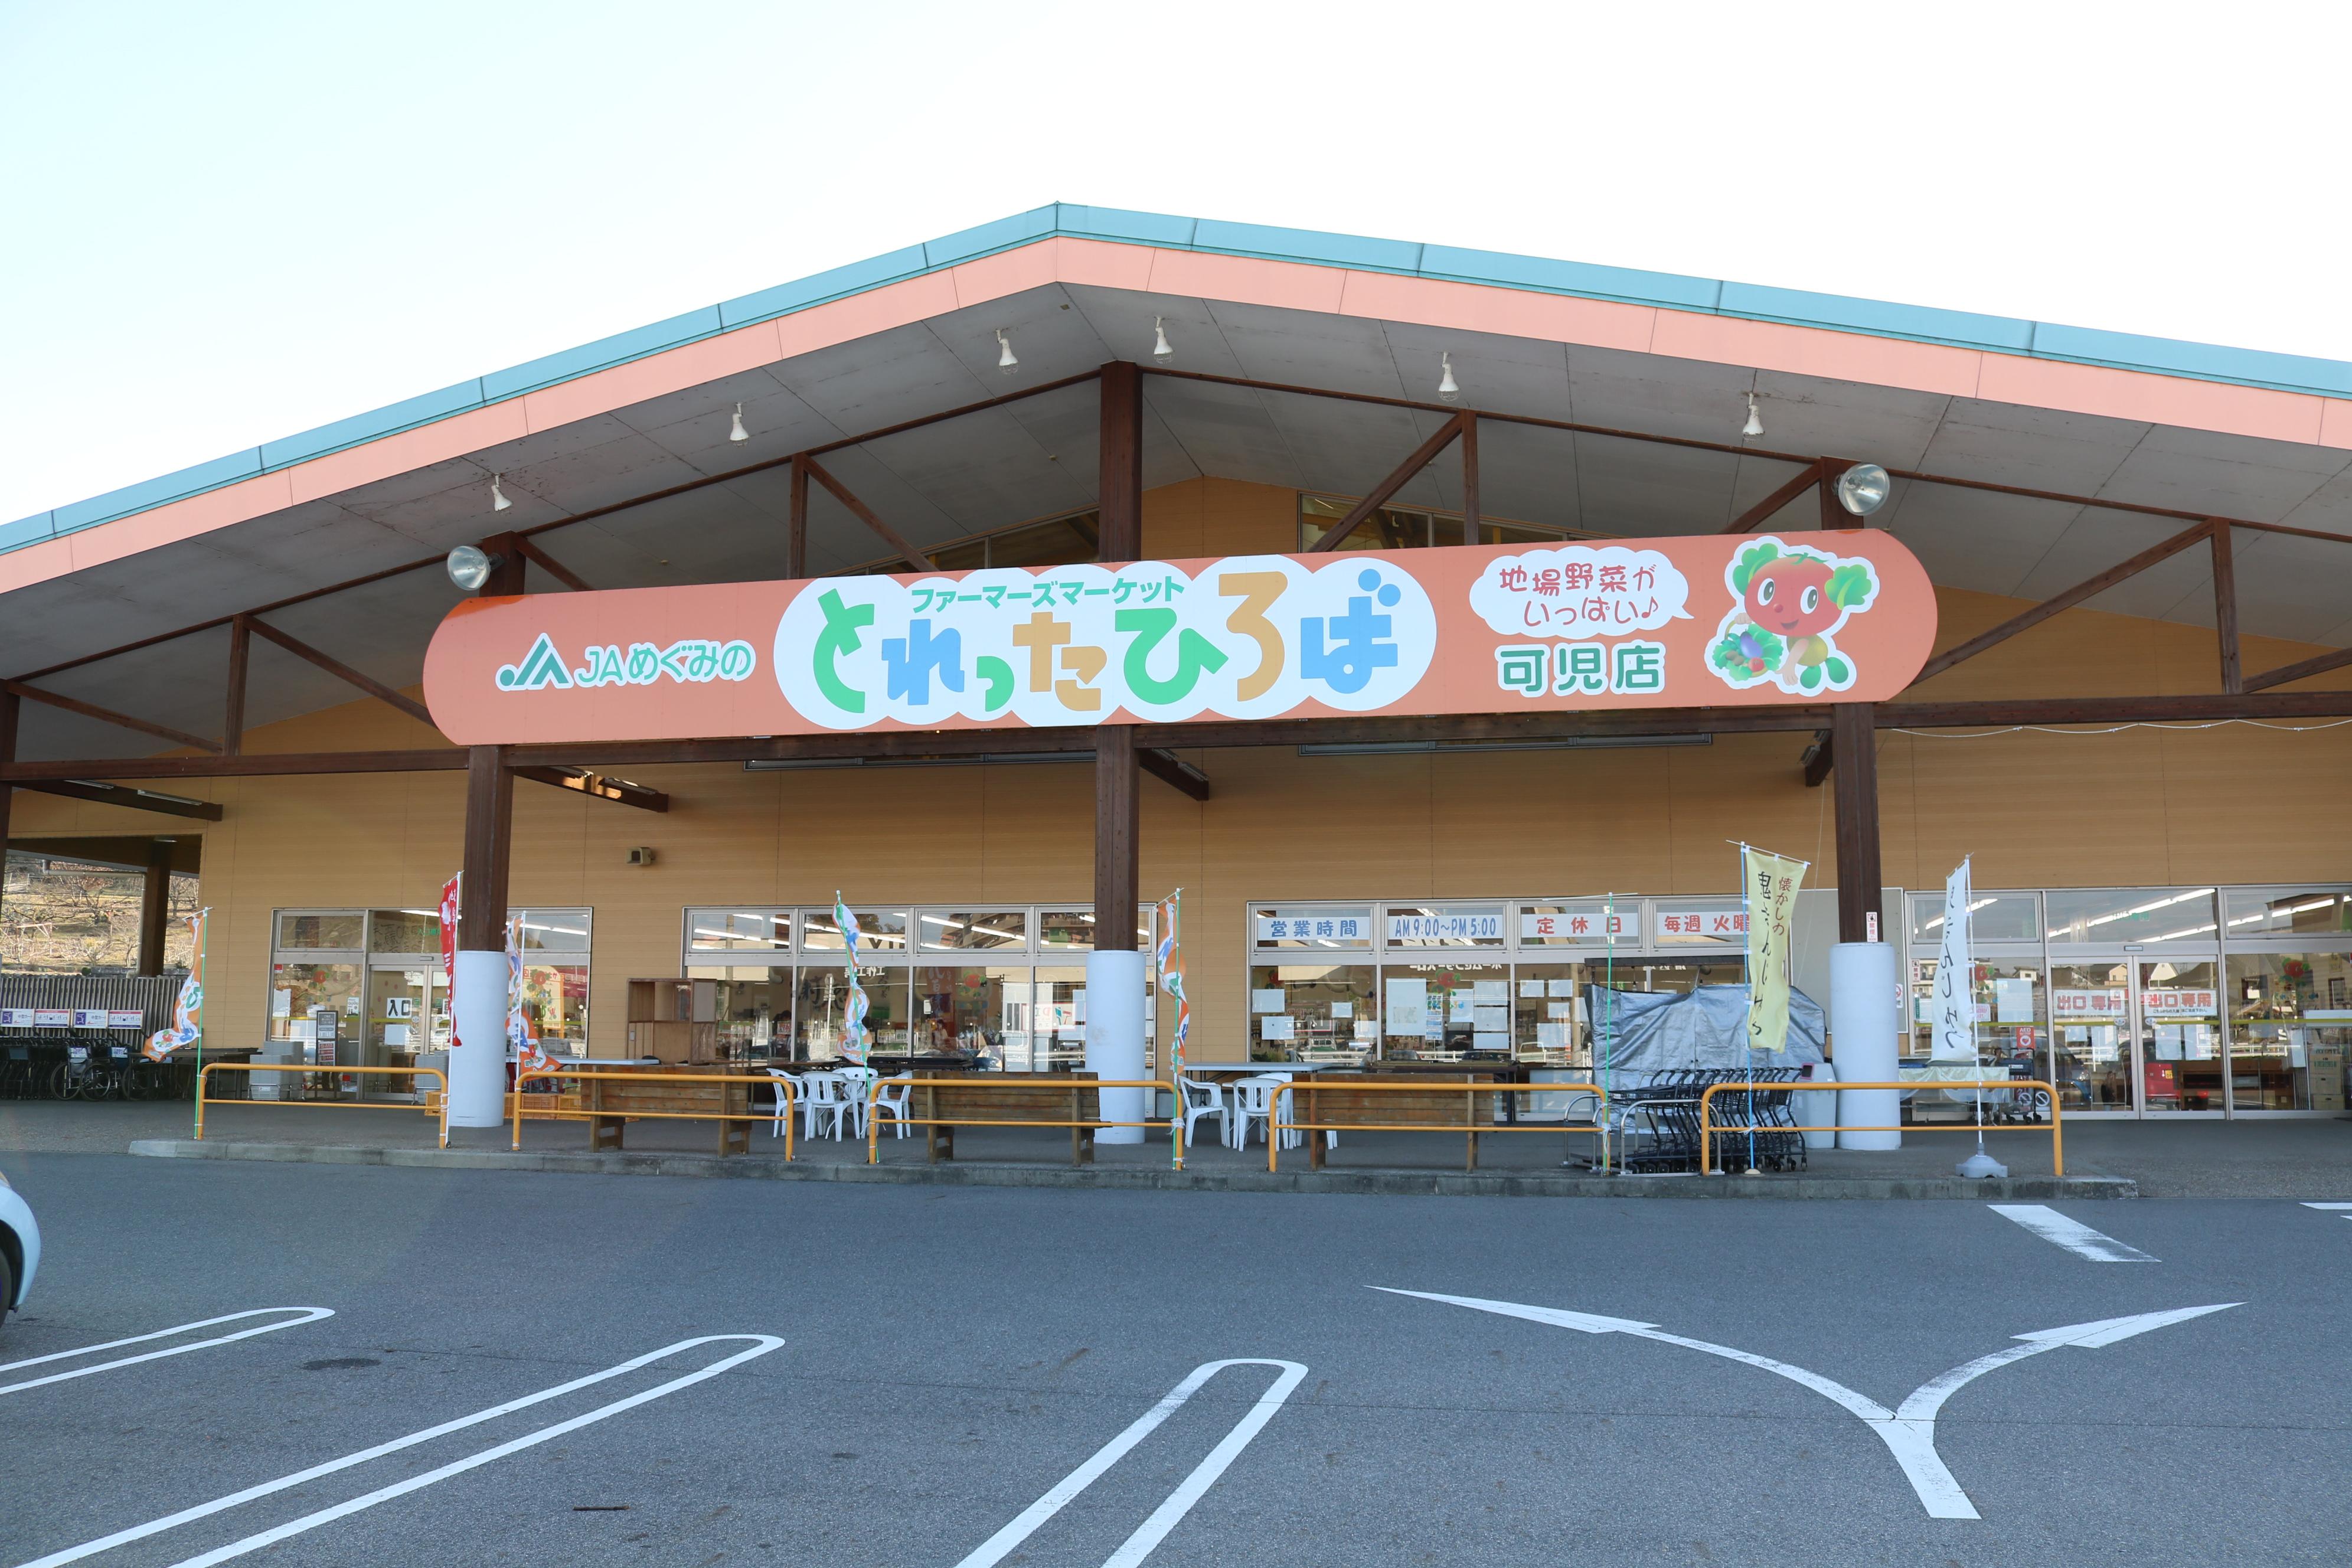 とれった広場 可児店